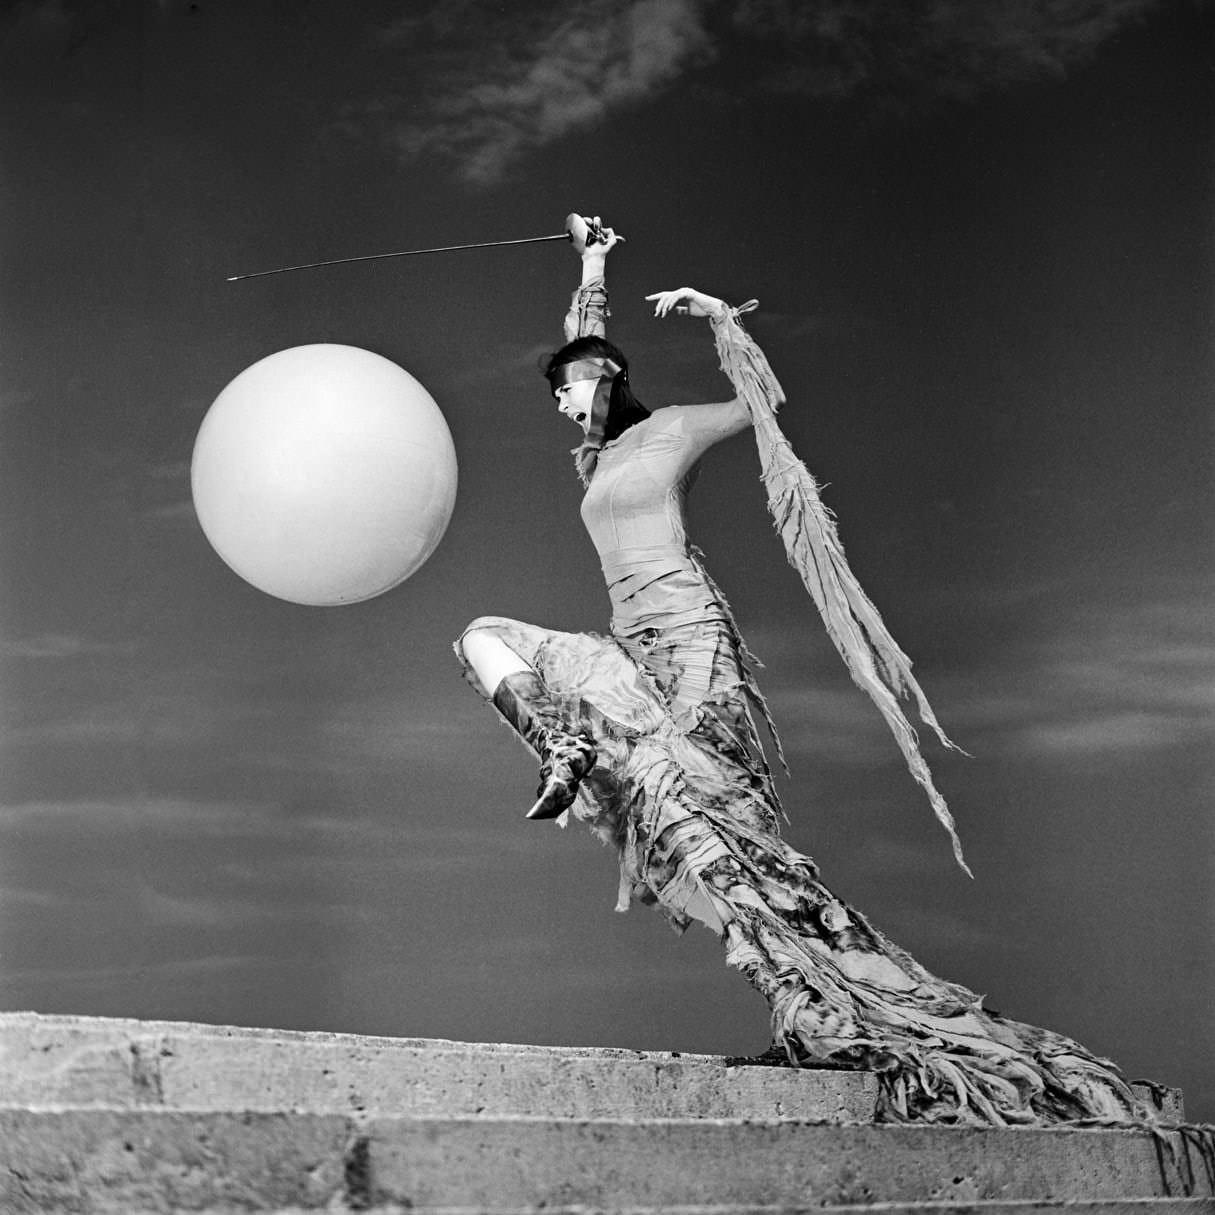 Черно-белая портретная фотография девушки в стильном платье со шпагой на фоне неба с шаром